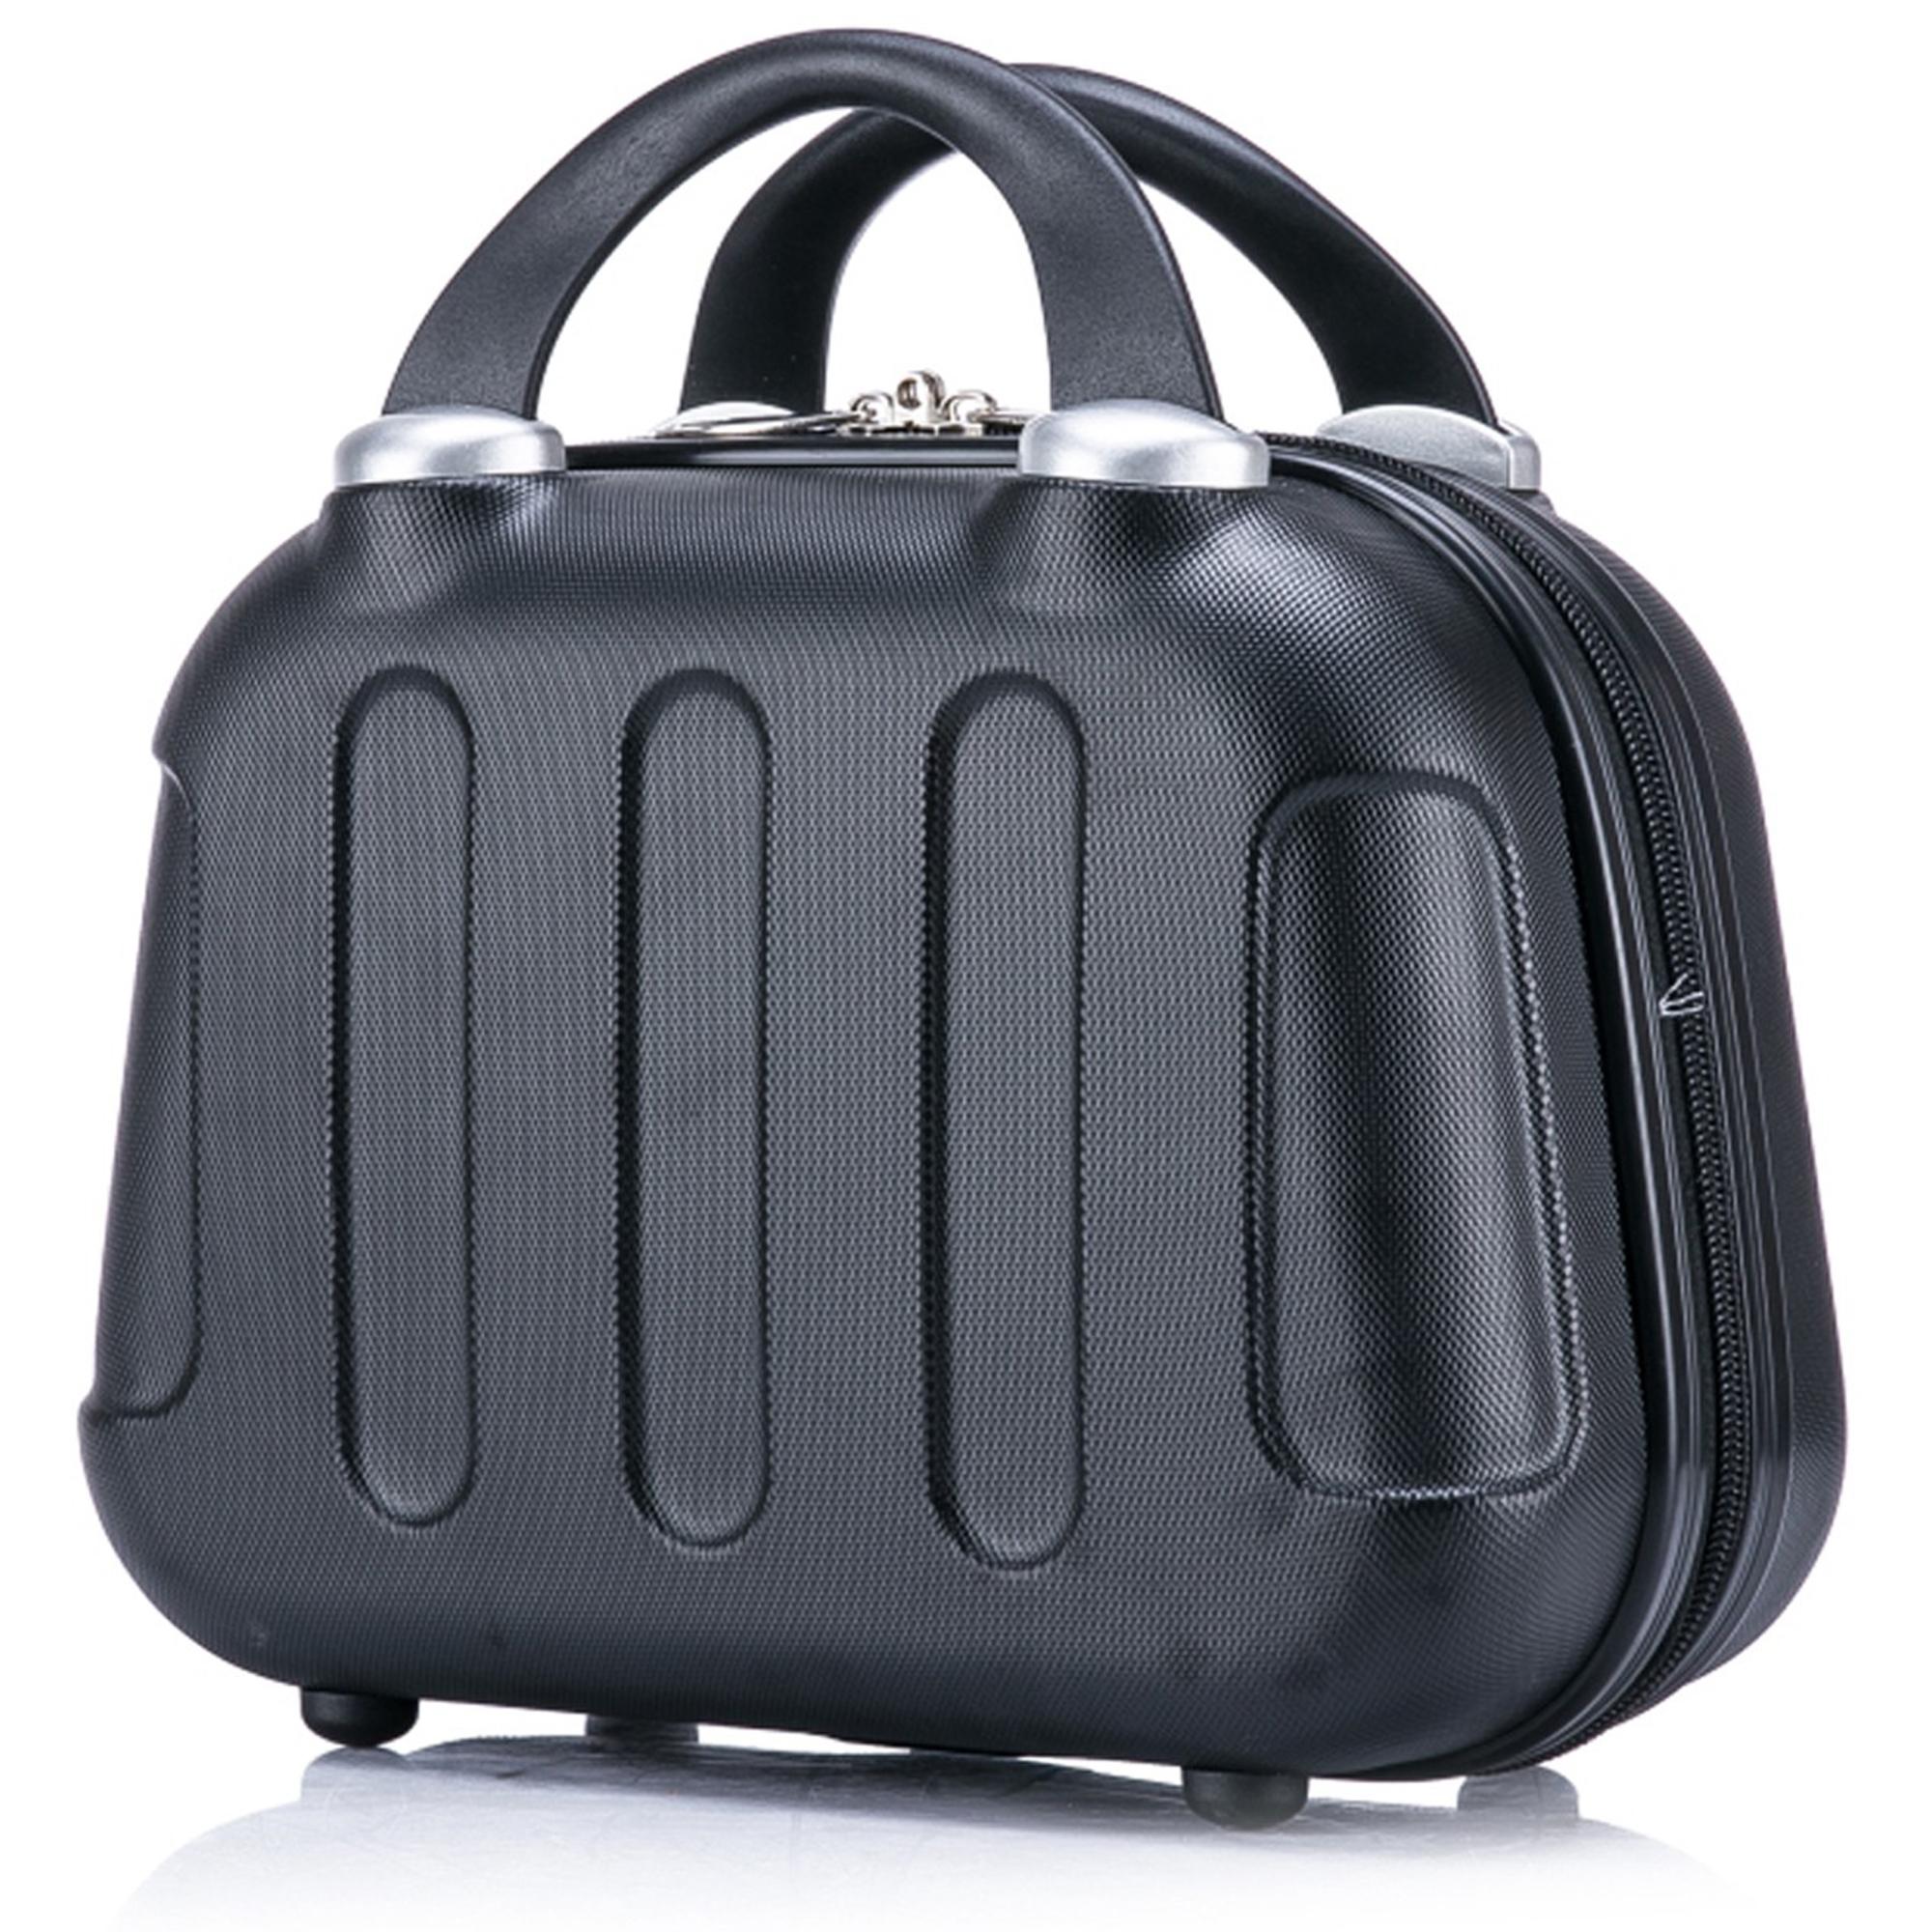 5 teiliges Koffer Set Hartschalenkoffer in 5 Farben - 25